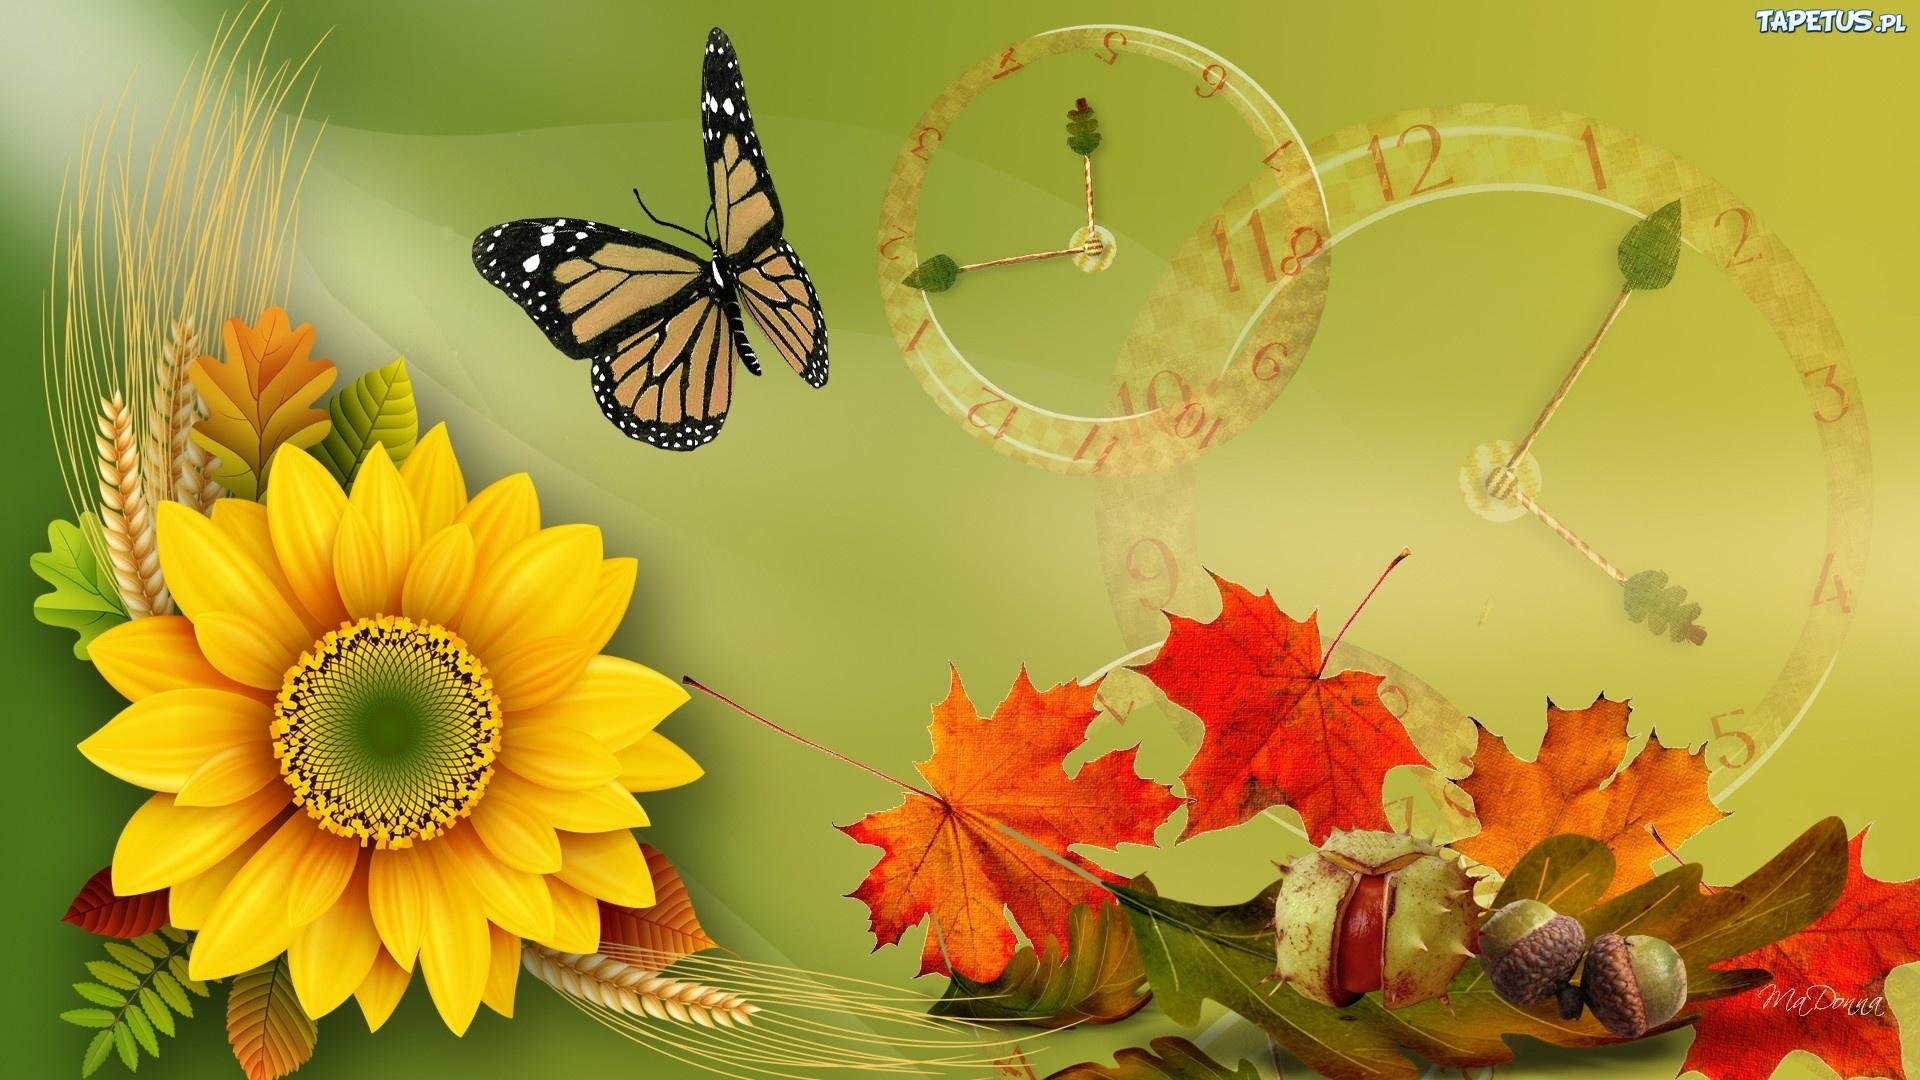 Słonecznik, Liście, Motyl, Jesień, Grafika